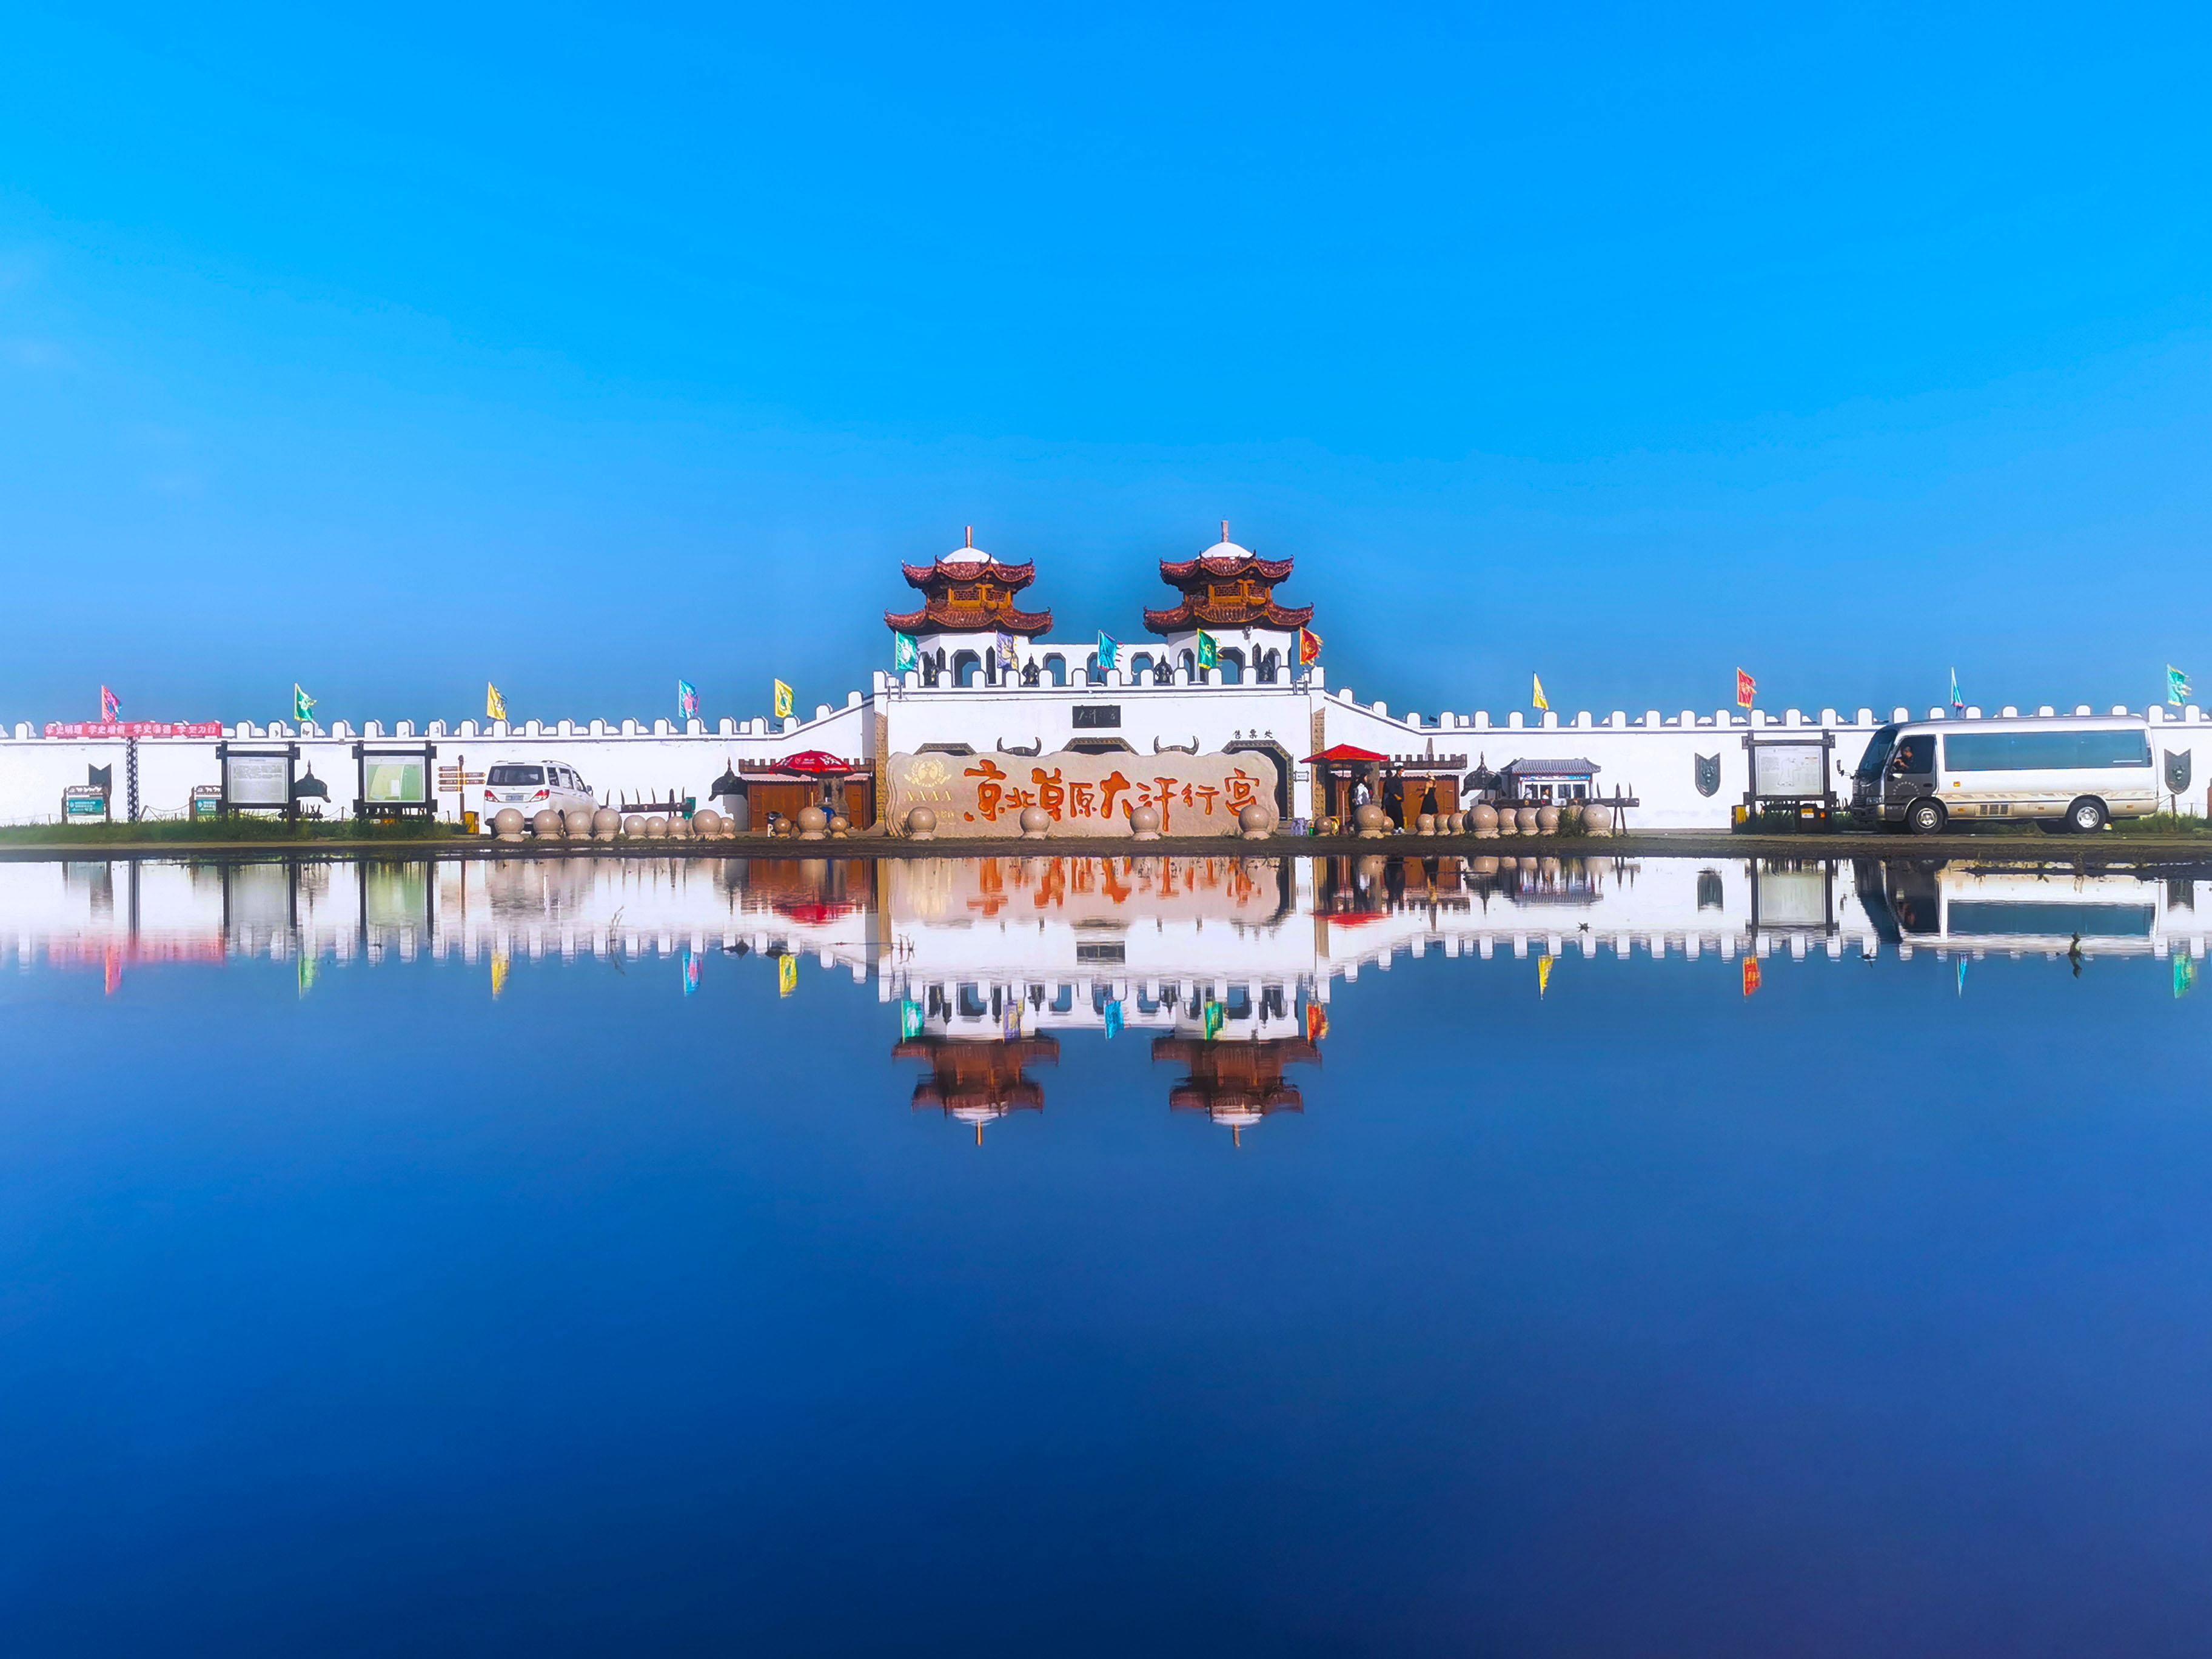 京北草原大汗行宫景区恢复开园通知